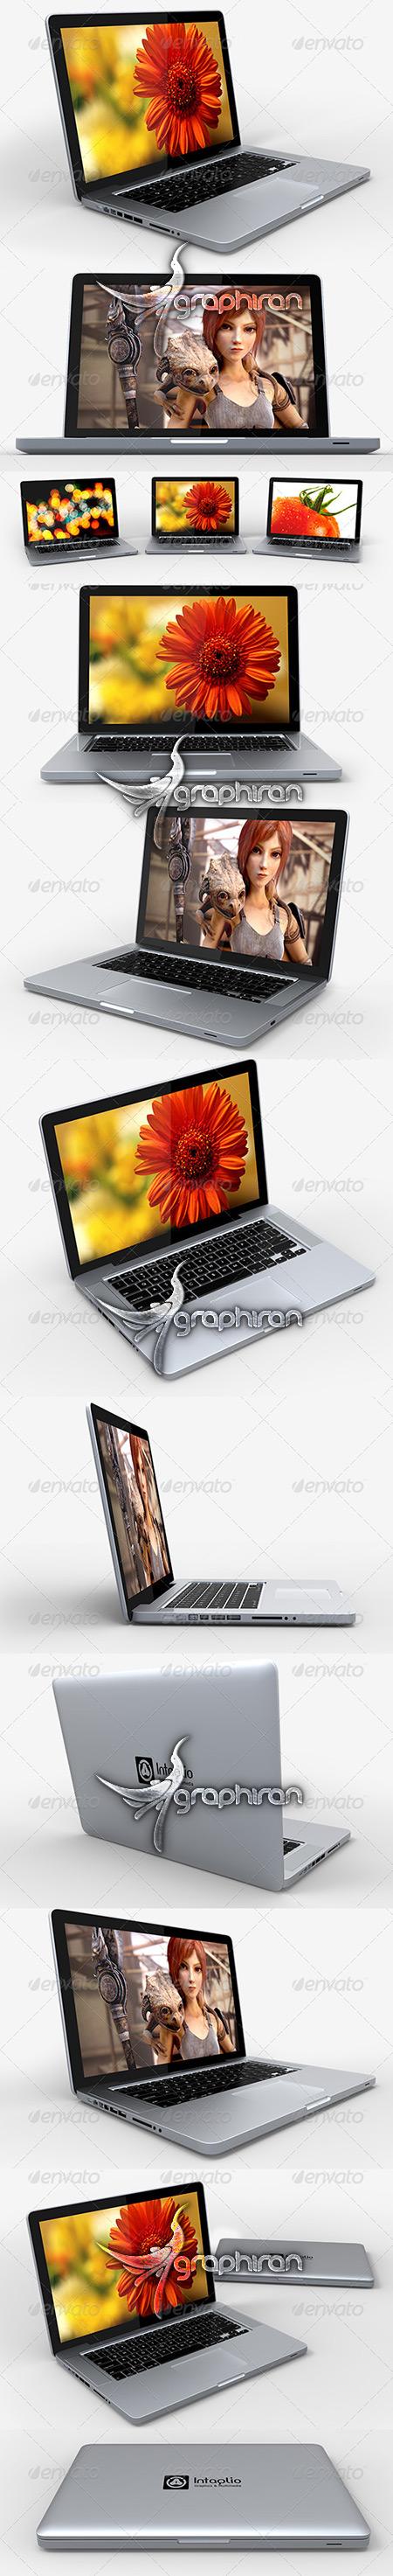 قالب لایه باز پیش نمایش لپ تاپ